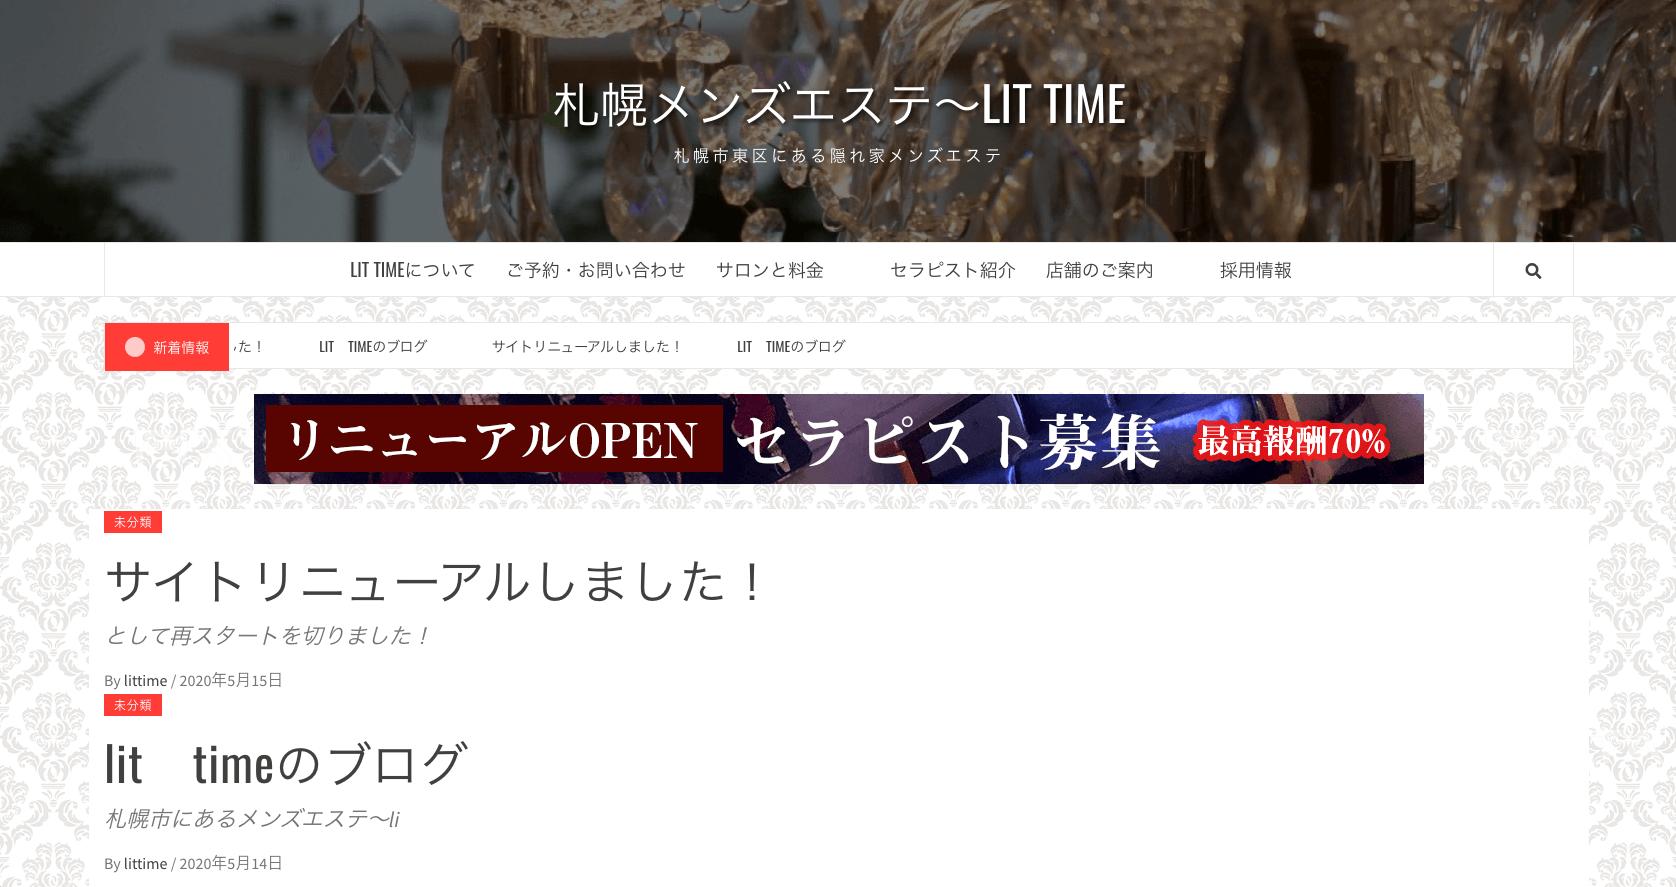 LIT TIME(旧:STELLA)